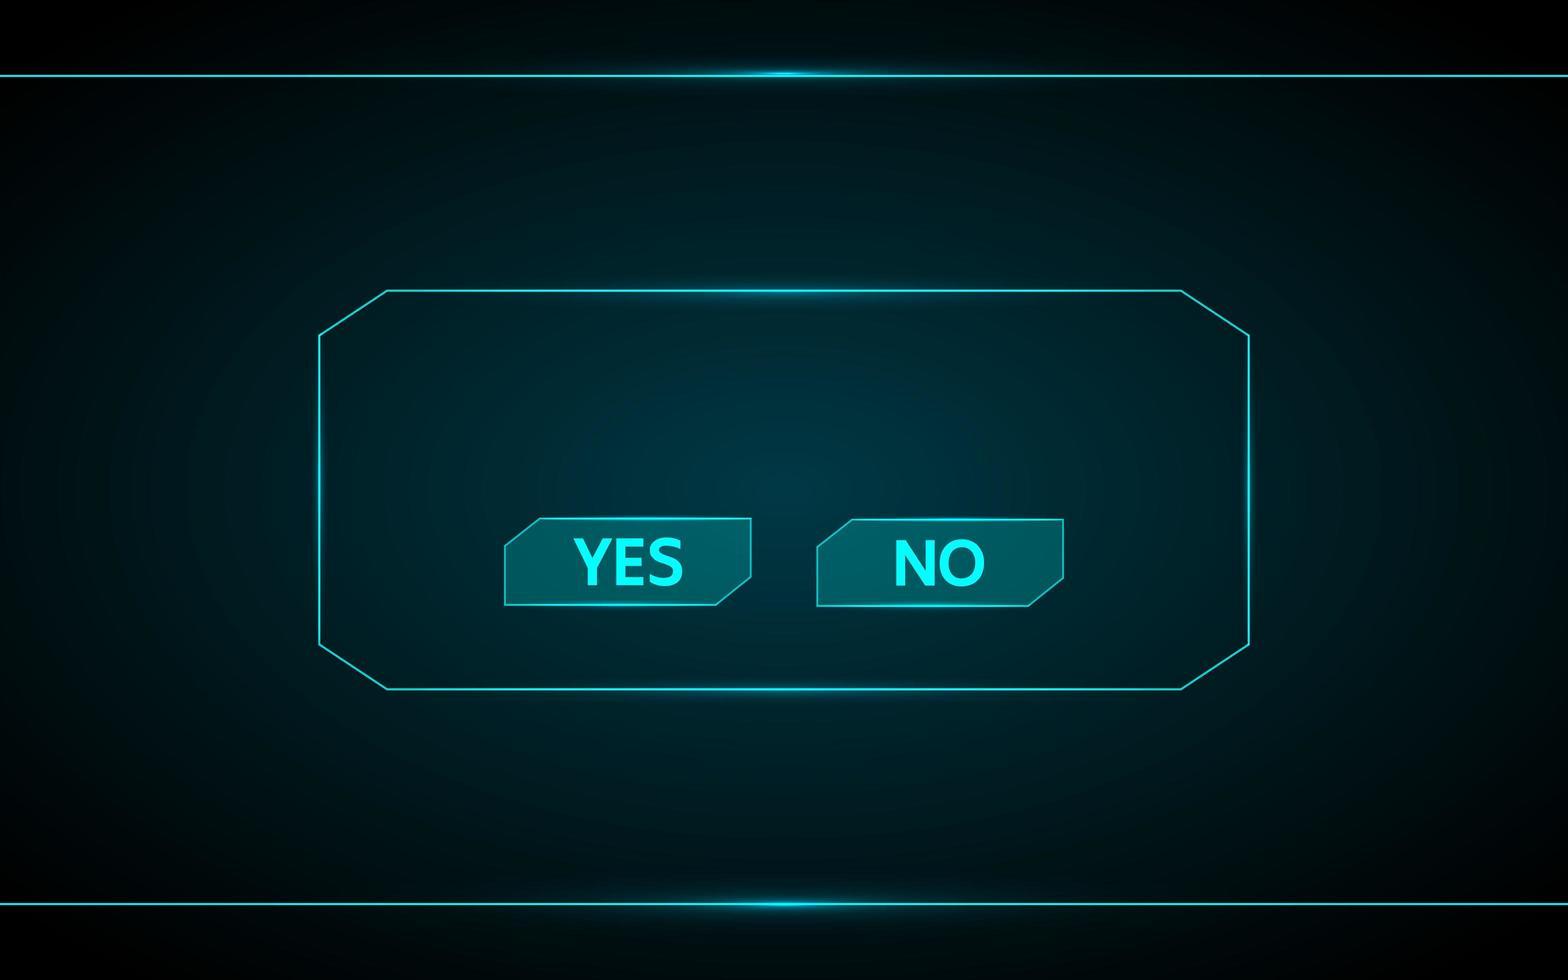 sí y no botón de juego futurista vector